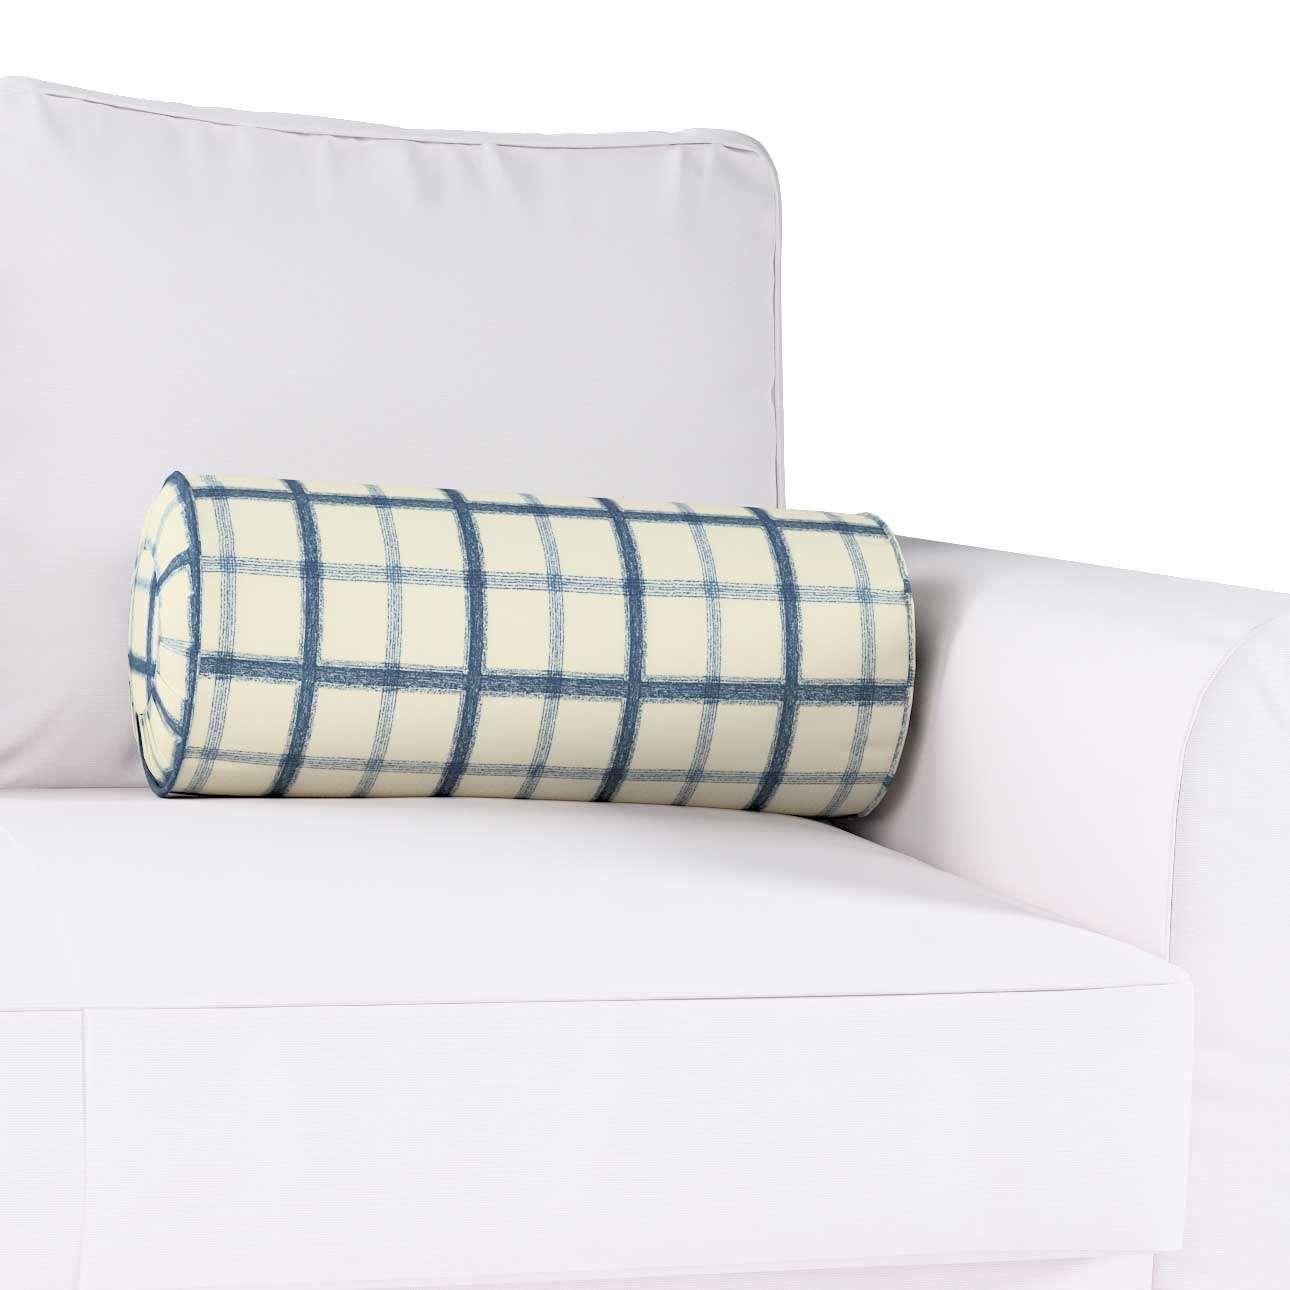 Poduszka wałek z zakładkami w kolekcji Avinon, tkanina: 131-66